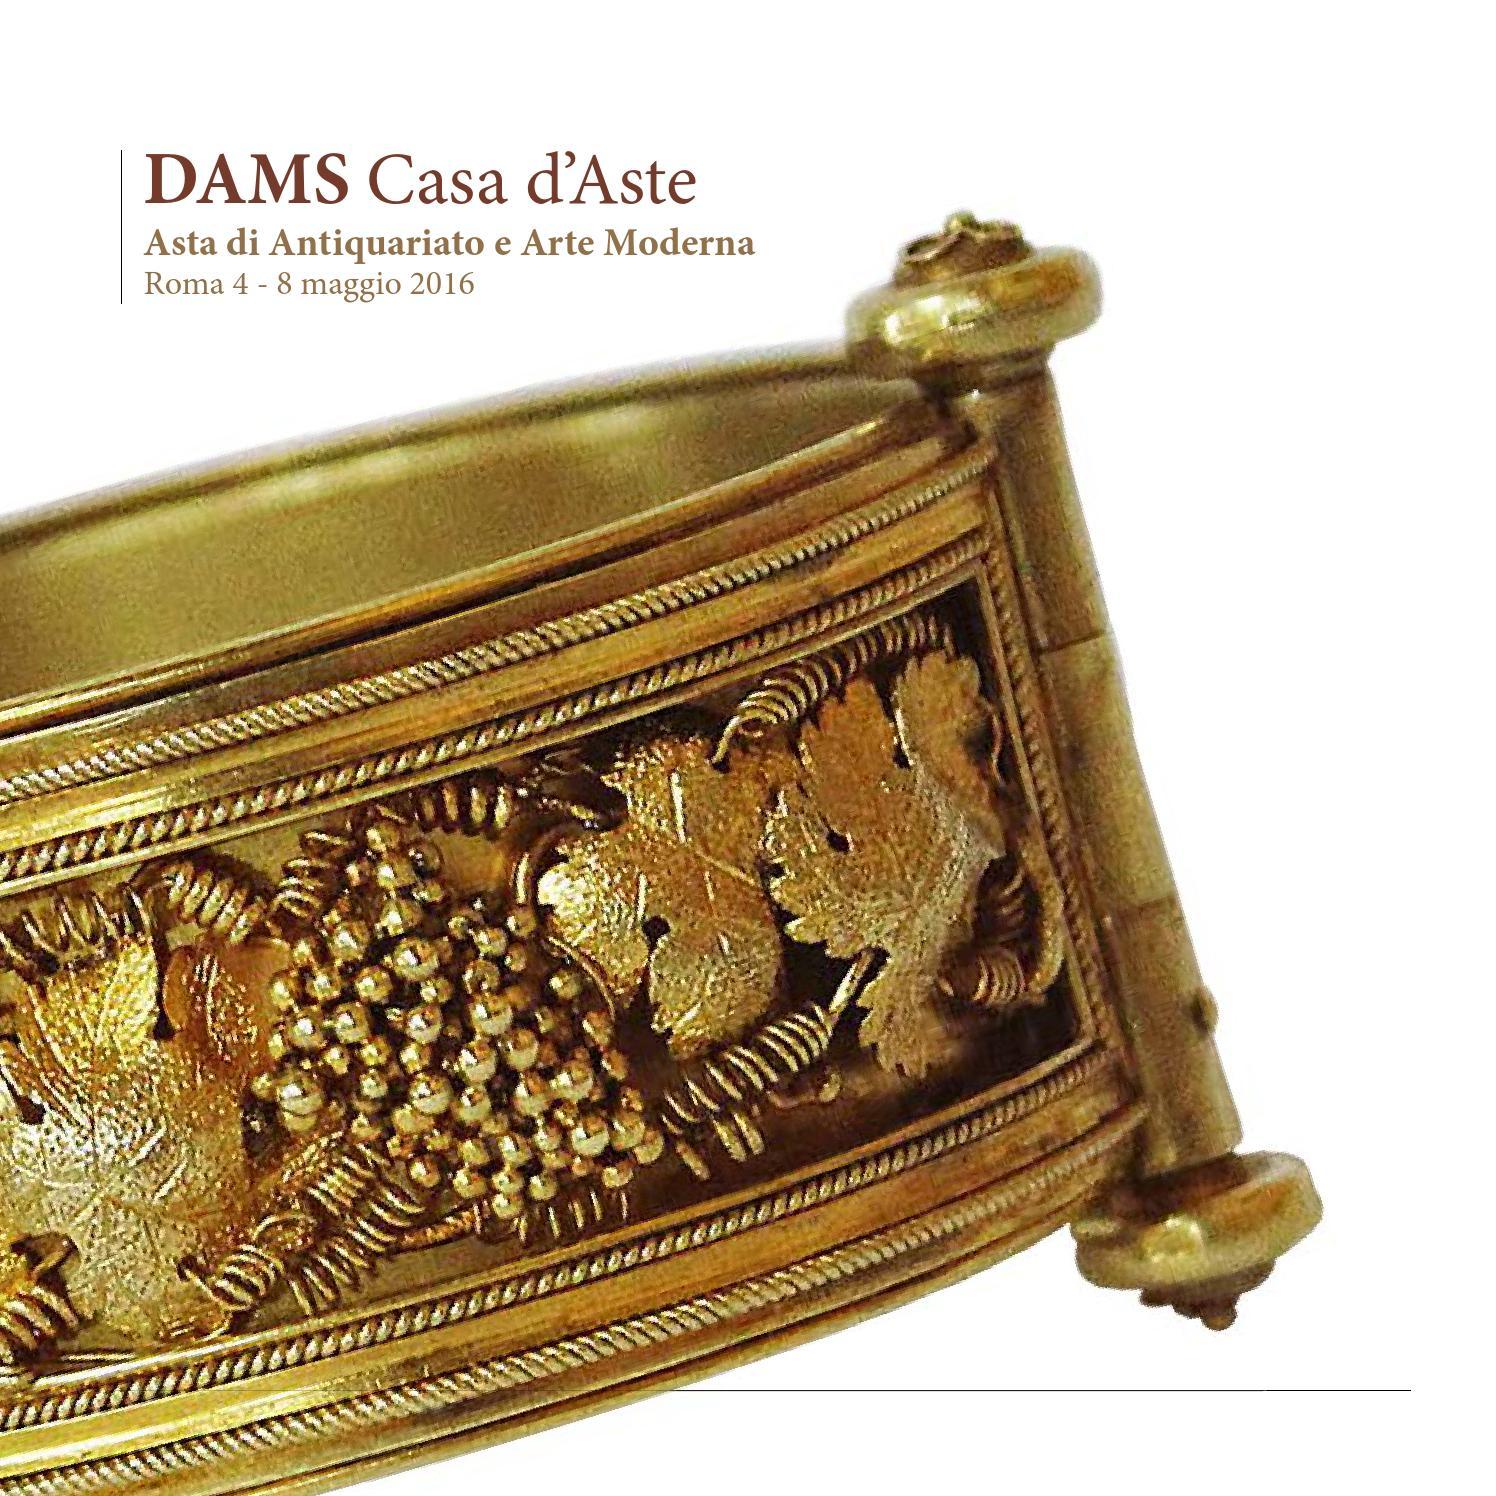 Catalogo asta 4 8 maggio 2016 by dams casa aste issuu for Case all asta roma